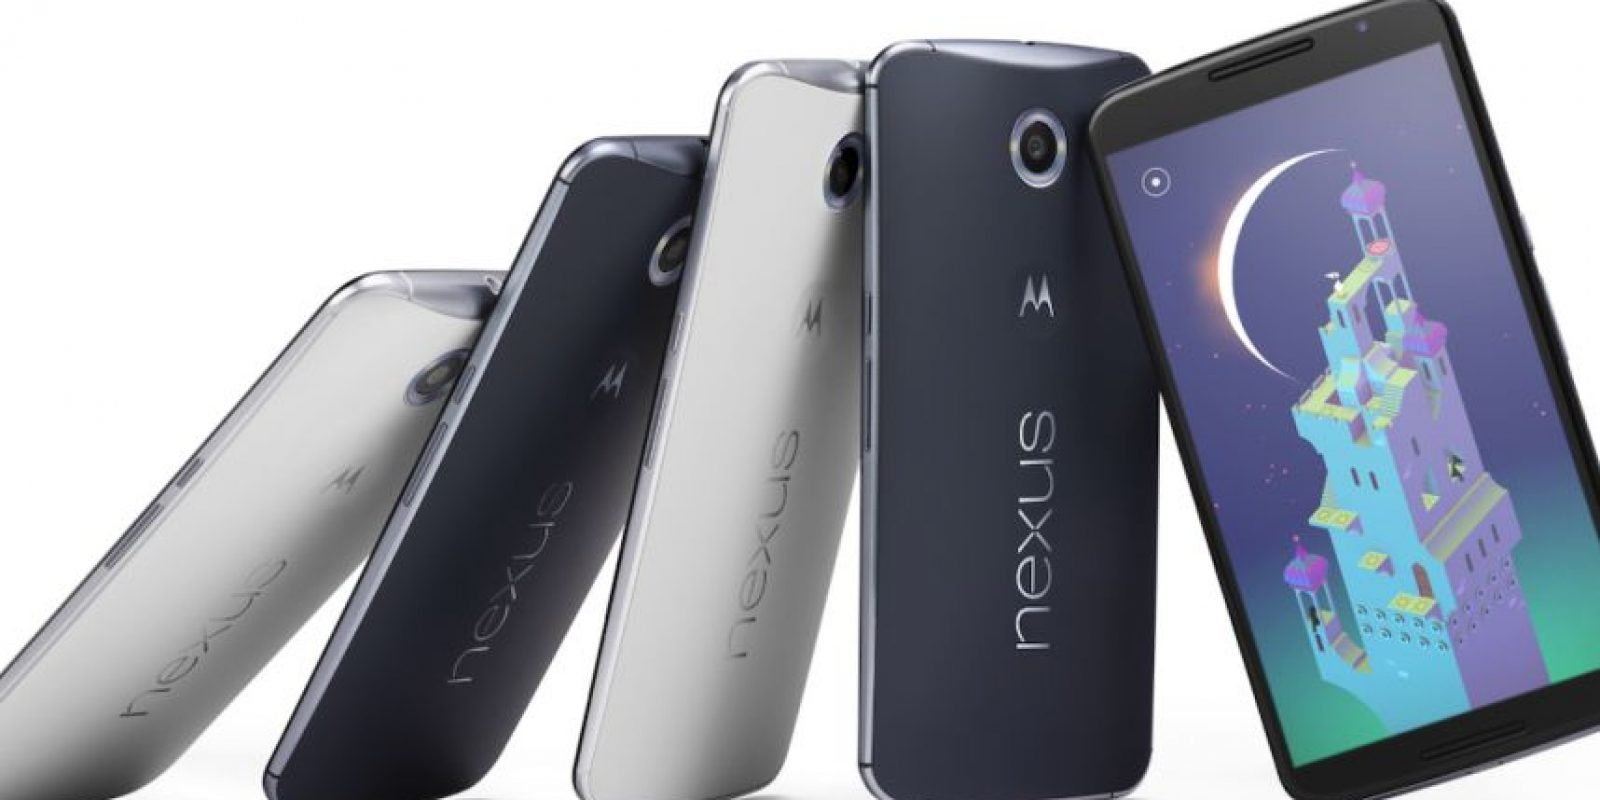 """El modelo """"Nexus 6"""" de Motorola será el único que podrá tener esta nueva red por el momento Foto:fi.google.com"""